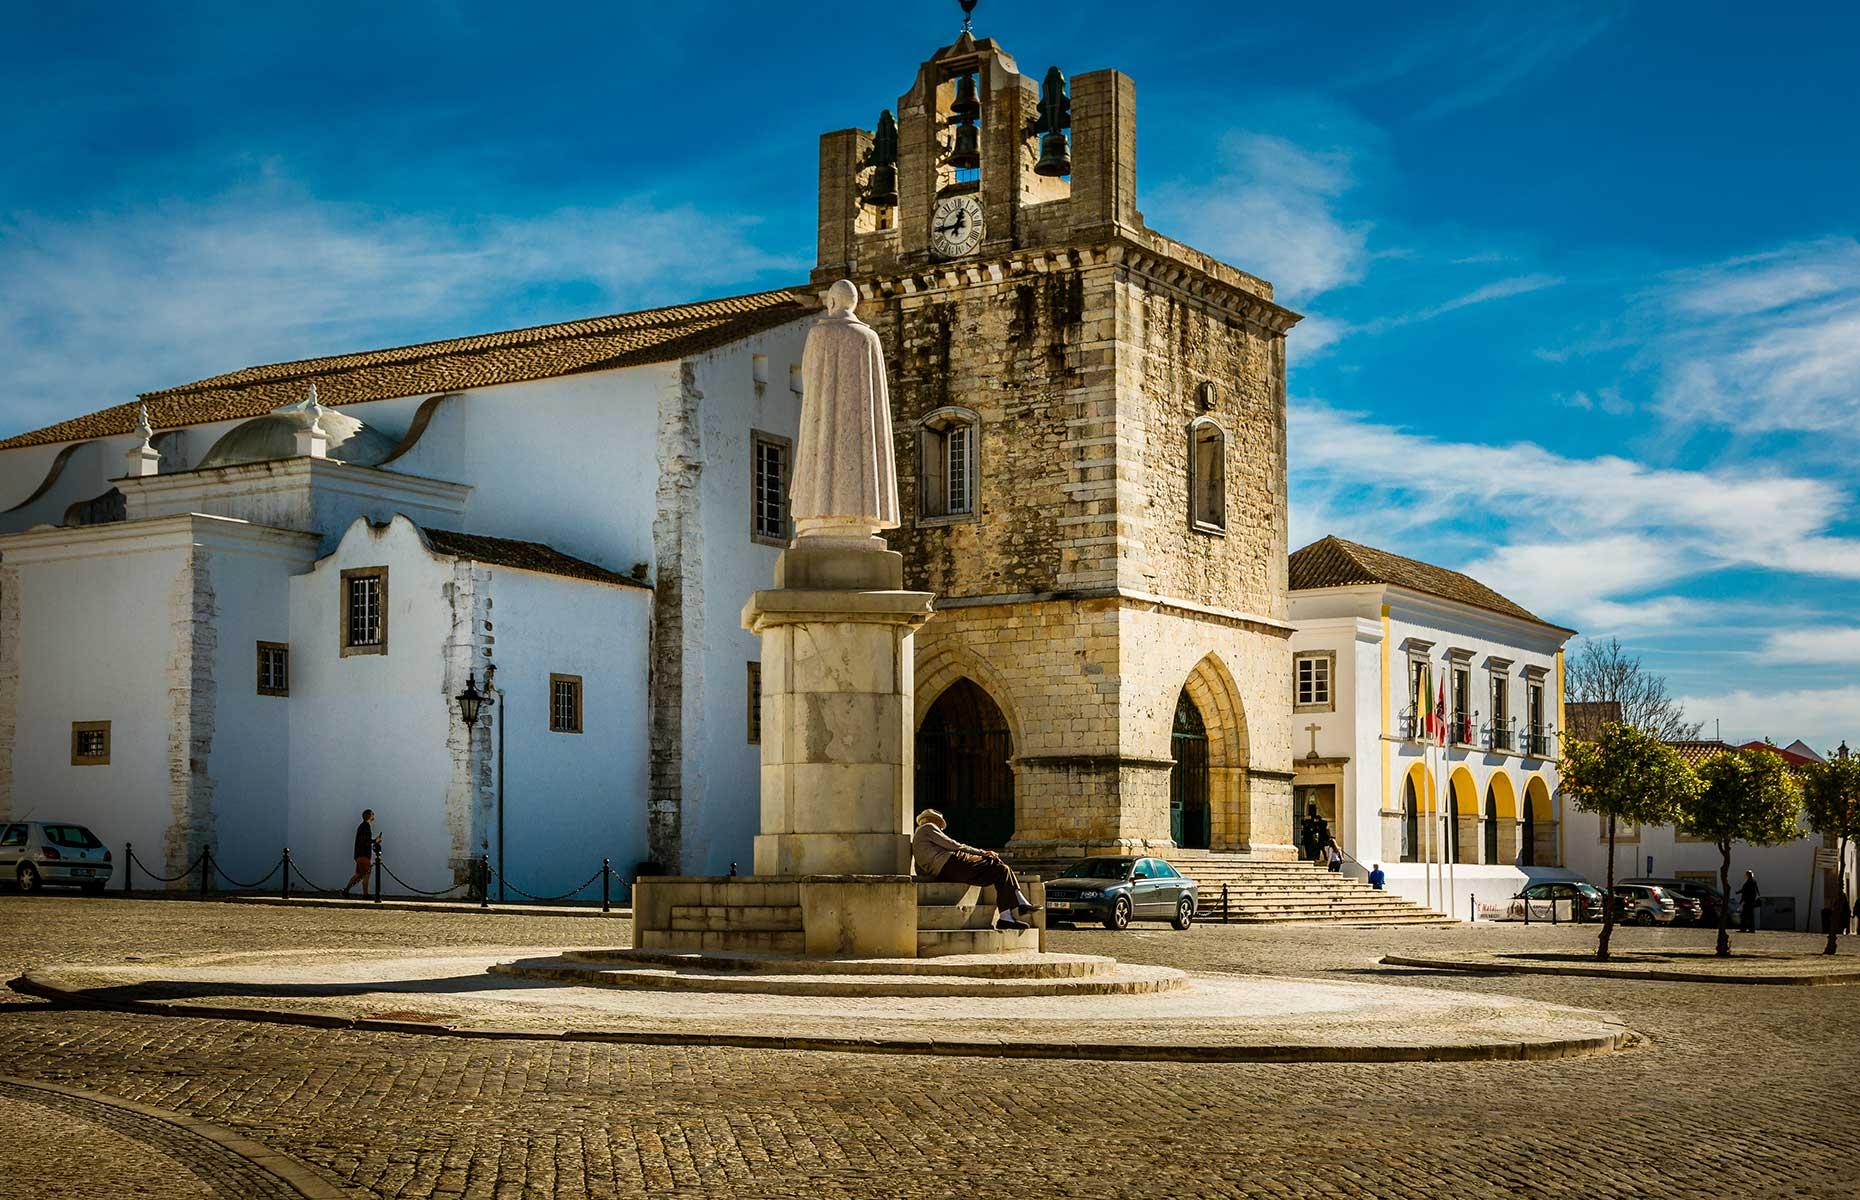 Faro city centre (Image: Evgeni Fabisuk/Shutterstock)